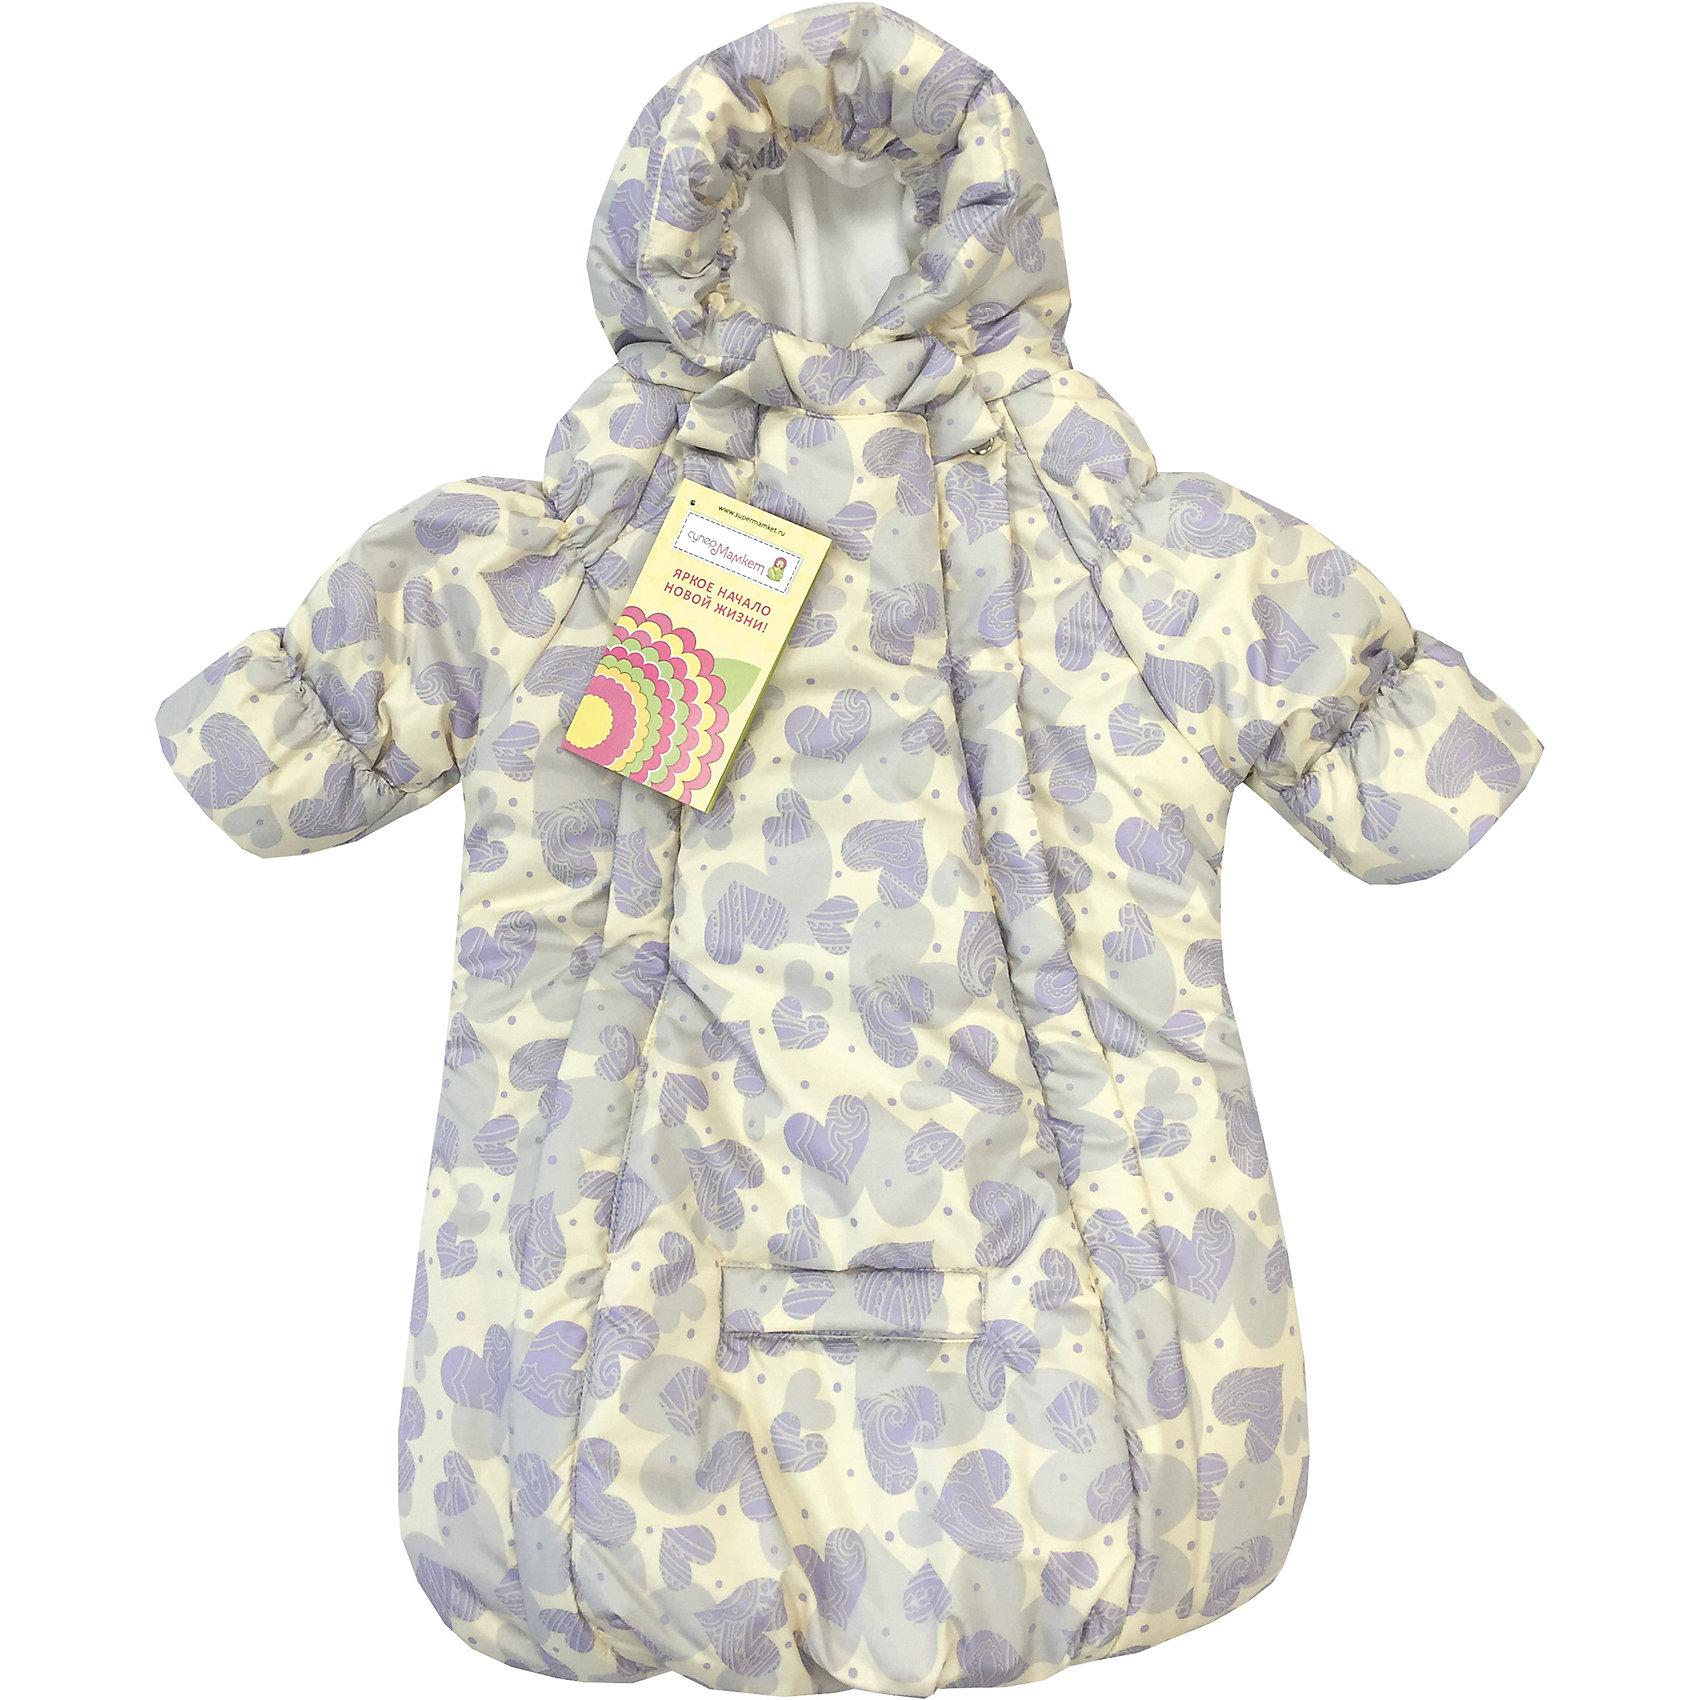 Конверт-комбинезон с ручками Сердца, флис, фиолетовыйЗимние конверты<br>Характеристики:<br><br>• Вид детской одежды: верхняя<br>• Предназначение: для прогулок, на выписку<br>• Возраст: от 0 до 6 месяцев<br>• Сезон: демисезонный<br>• Степень утепления: средняя<br>• Температурный режим: от +10? С до -7? С<br>• Пол: универсальный<br>• Тематика рисунка: сердечки<br>• Цвет: молочный, фиолетовый<br>• Материал: верх – мембрана (плащевка), утеплитель – 150 г. синтепона, подклад – флис<br>• Форма конверта: комбинезон-конверт<br>• По бокам имеются застежки-молнии<br>• Застежка на кнопках у горловины<br>• На комбинезоне предусмотрены прорези как для 3-х точечных, так и для 5-ти точечных ремней безопасности<br>• У рукавов предусмотрены манжеты-отвороты<br>• Капюшон с регулировкой по овалу лица<br>• Размеры (Ш*Д): 45*75 см, длина от плеча до низа 56 см<br>• Вес: 650 г <br>• Особенности ухода: допускается деликатная стирка без использования красящих и отбеливающих средств<br><br>Комбинезон-конверт от СуперМаМкет выполнен в форме расширенного книзу кокона, на рукавах предусмотрены отвороты для защиты детских ручек от холода, капюшон имеет регулировку по овалу лица, а у горловины имеются застежки на кнопках. Верх изделия выполнен из плащевки, которая отличается повышенными качествами износоустойчивости и обладает повышенными защитными свойствами от влаги и ветра. Изделие имеет двойное утепление: из синтепона (150 г.) и подклада, выполненного из флиса, что придает изделию дополнительные тепловые качества и мягкость. Конверт-комбинезон с ручками Сердца, флис, СуперМаМкет, фиолетовый оснащен боковыми застежками-молниями, которые расстегиваются до самого низа, что обеспечивает удобство в одевании ребенка. Комбинезон выполнен в стильном дизайне: принт из сердечек фиолетового цвета придает изделию особый стиль и изысканность, поэтому его можно использовать не только для прогулок, но и для выписки из роддома. <br><br>Конверт-комбинезон с ручками Сердца, флис, СуперМаМкет, фиолетовый можно